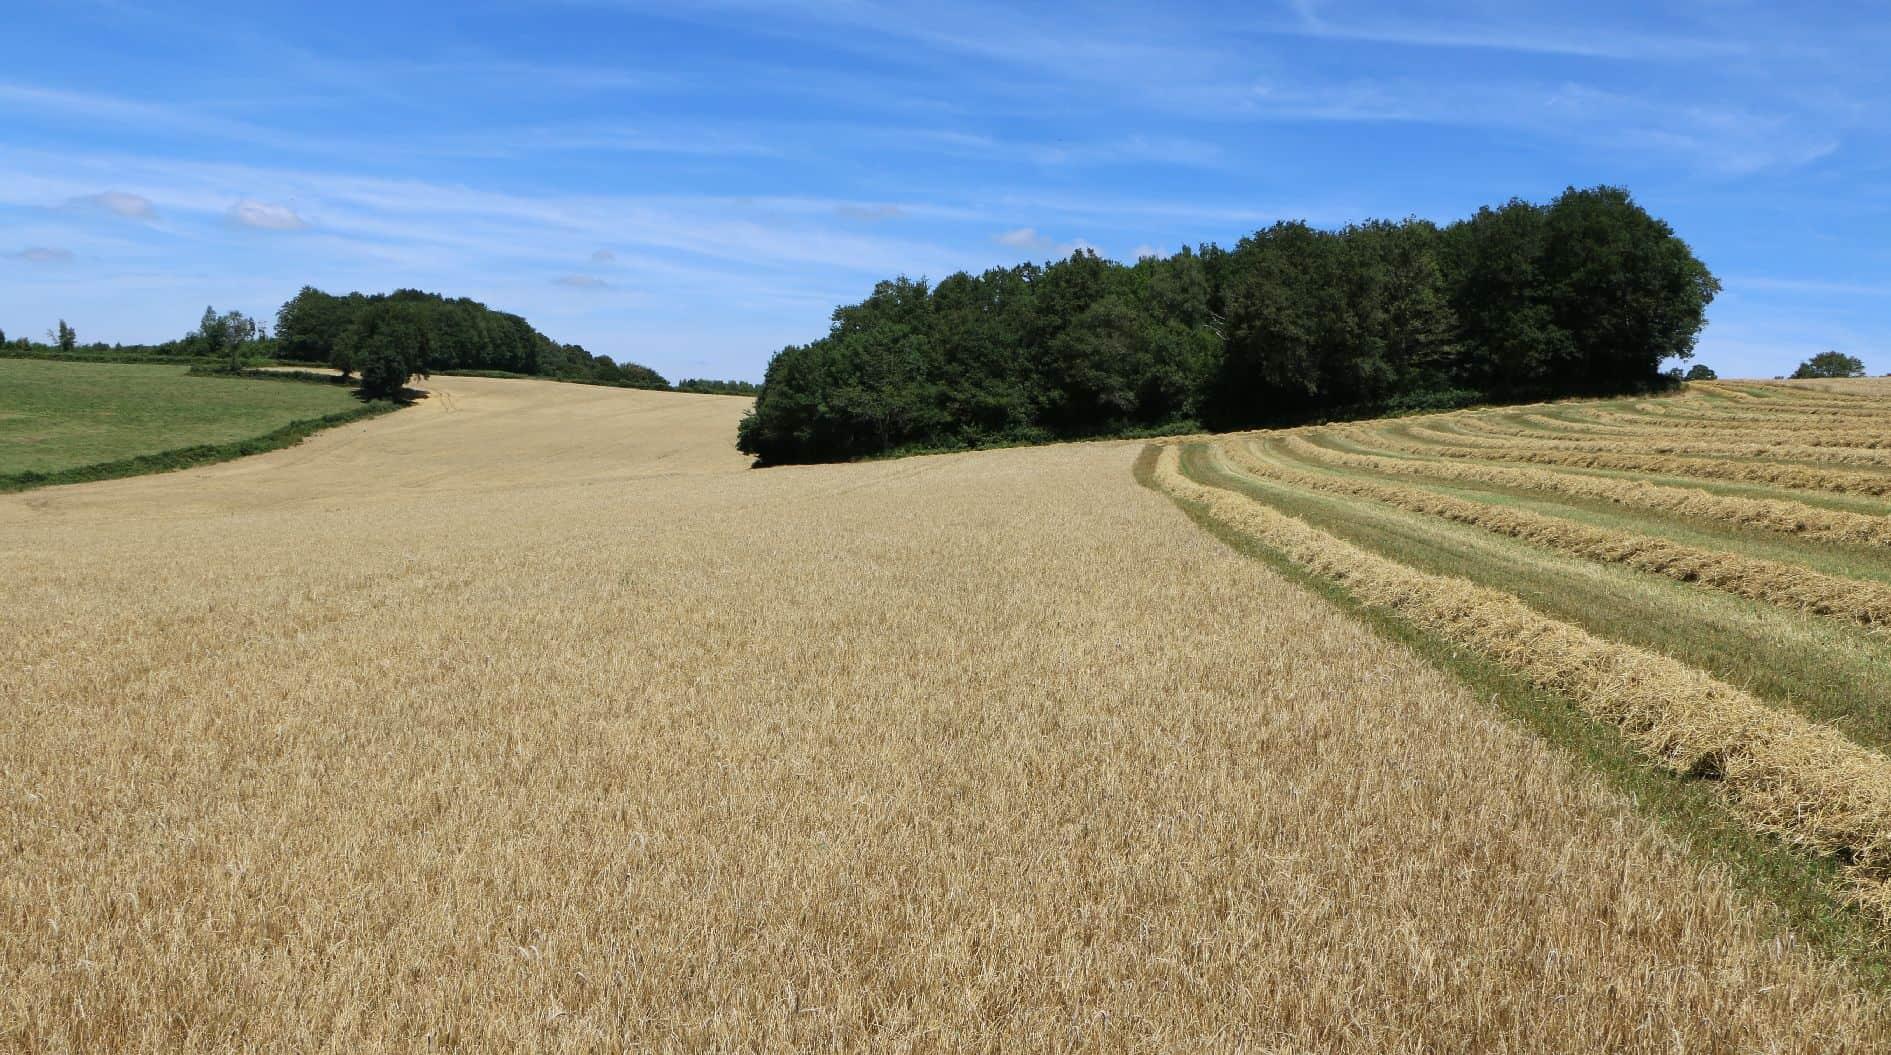 Moisson récolte blé 2017